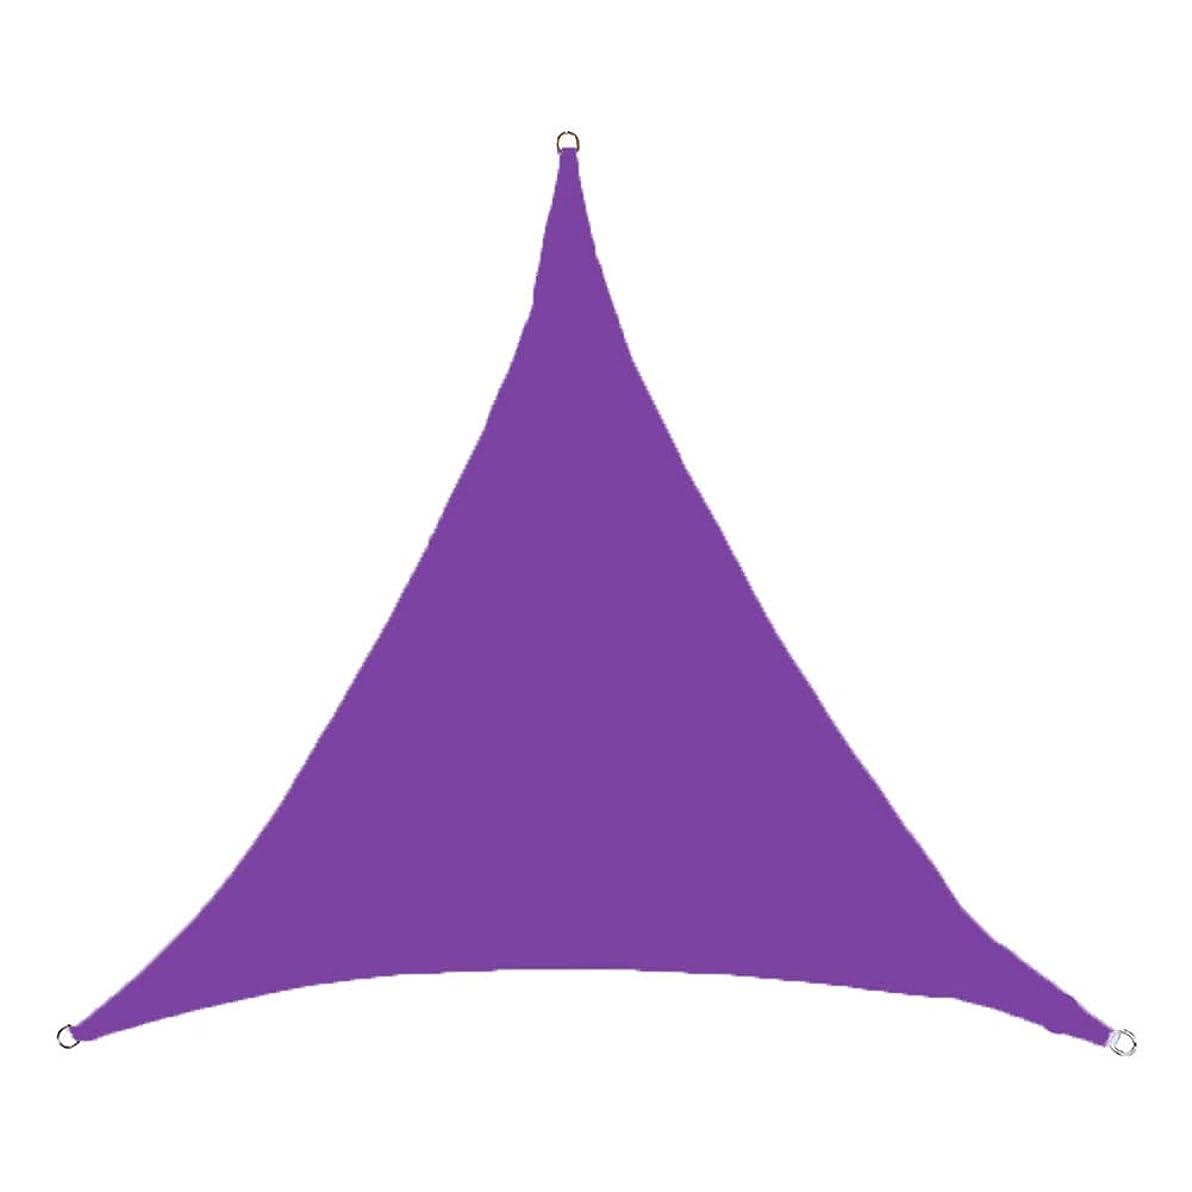 食欲見出し食欲Wtop 三角 形 シェード 目隠し,キャノピー 日除け シェルターファブリック 布画面,テリレン UVカット 遮阳棚 用 屋外 カーポート パープル 3x3x3m